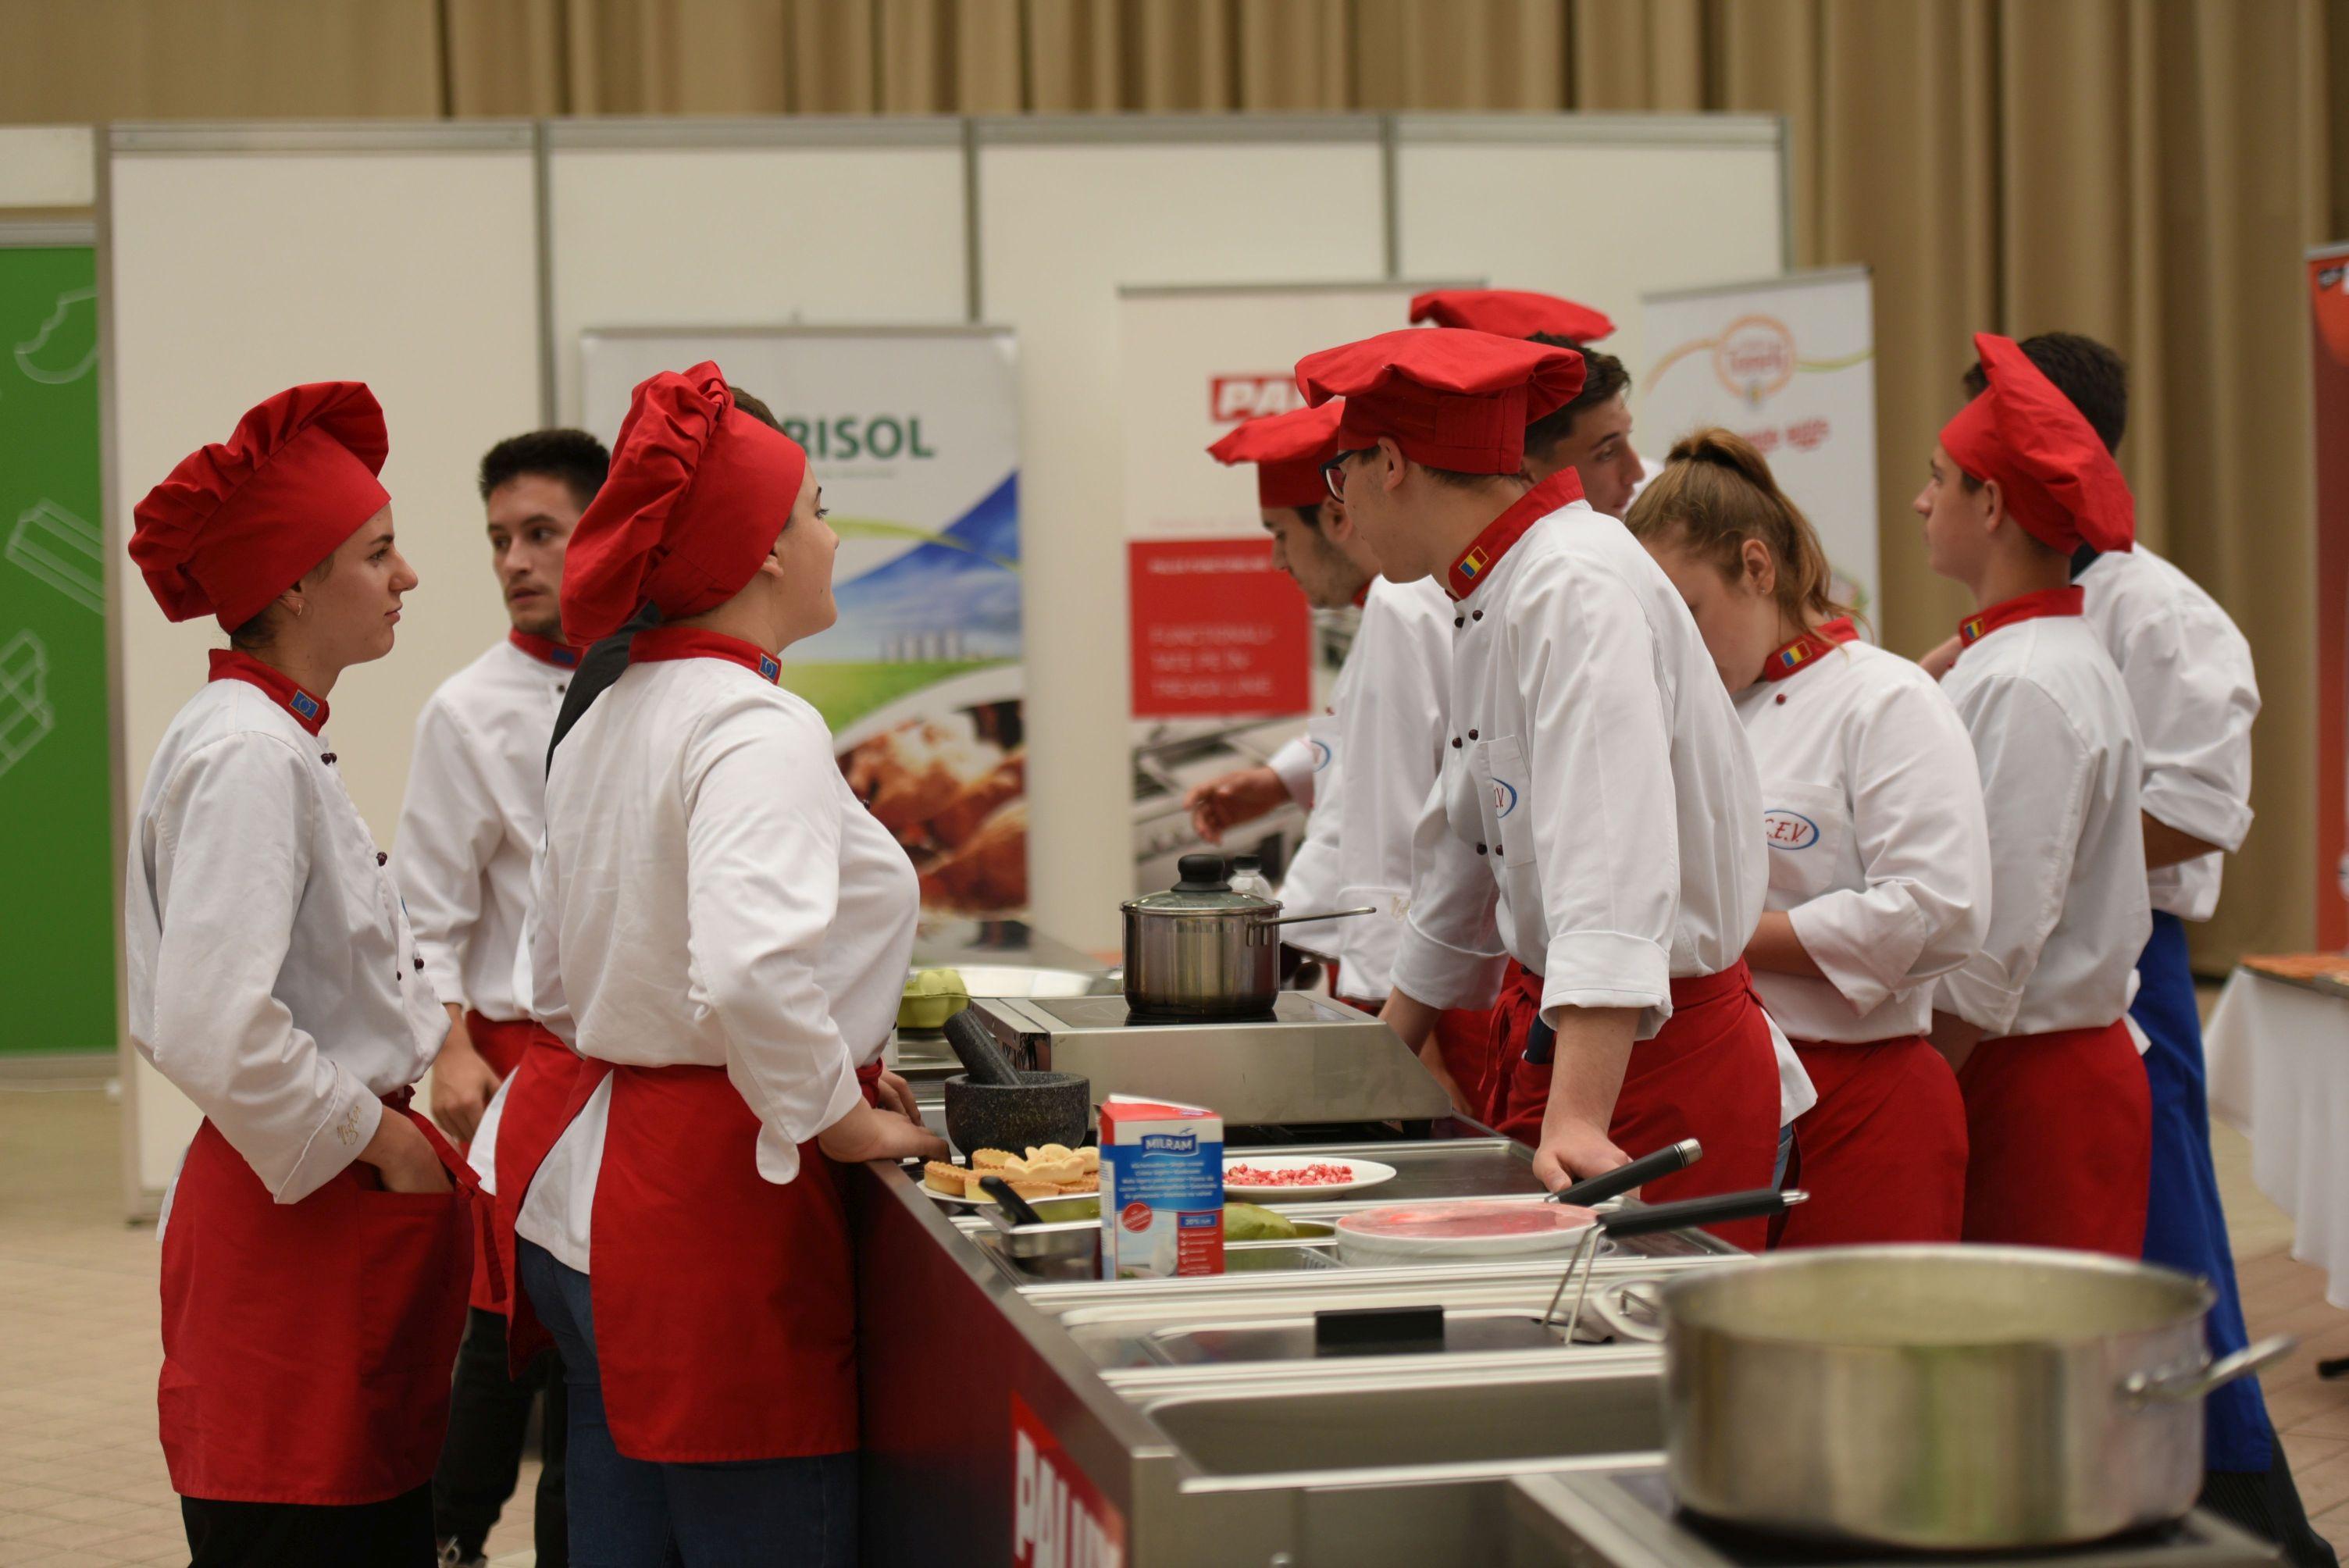 Sarbatoarea_Gustului_Salon_de_Gastronomie_90